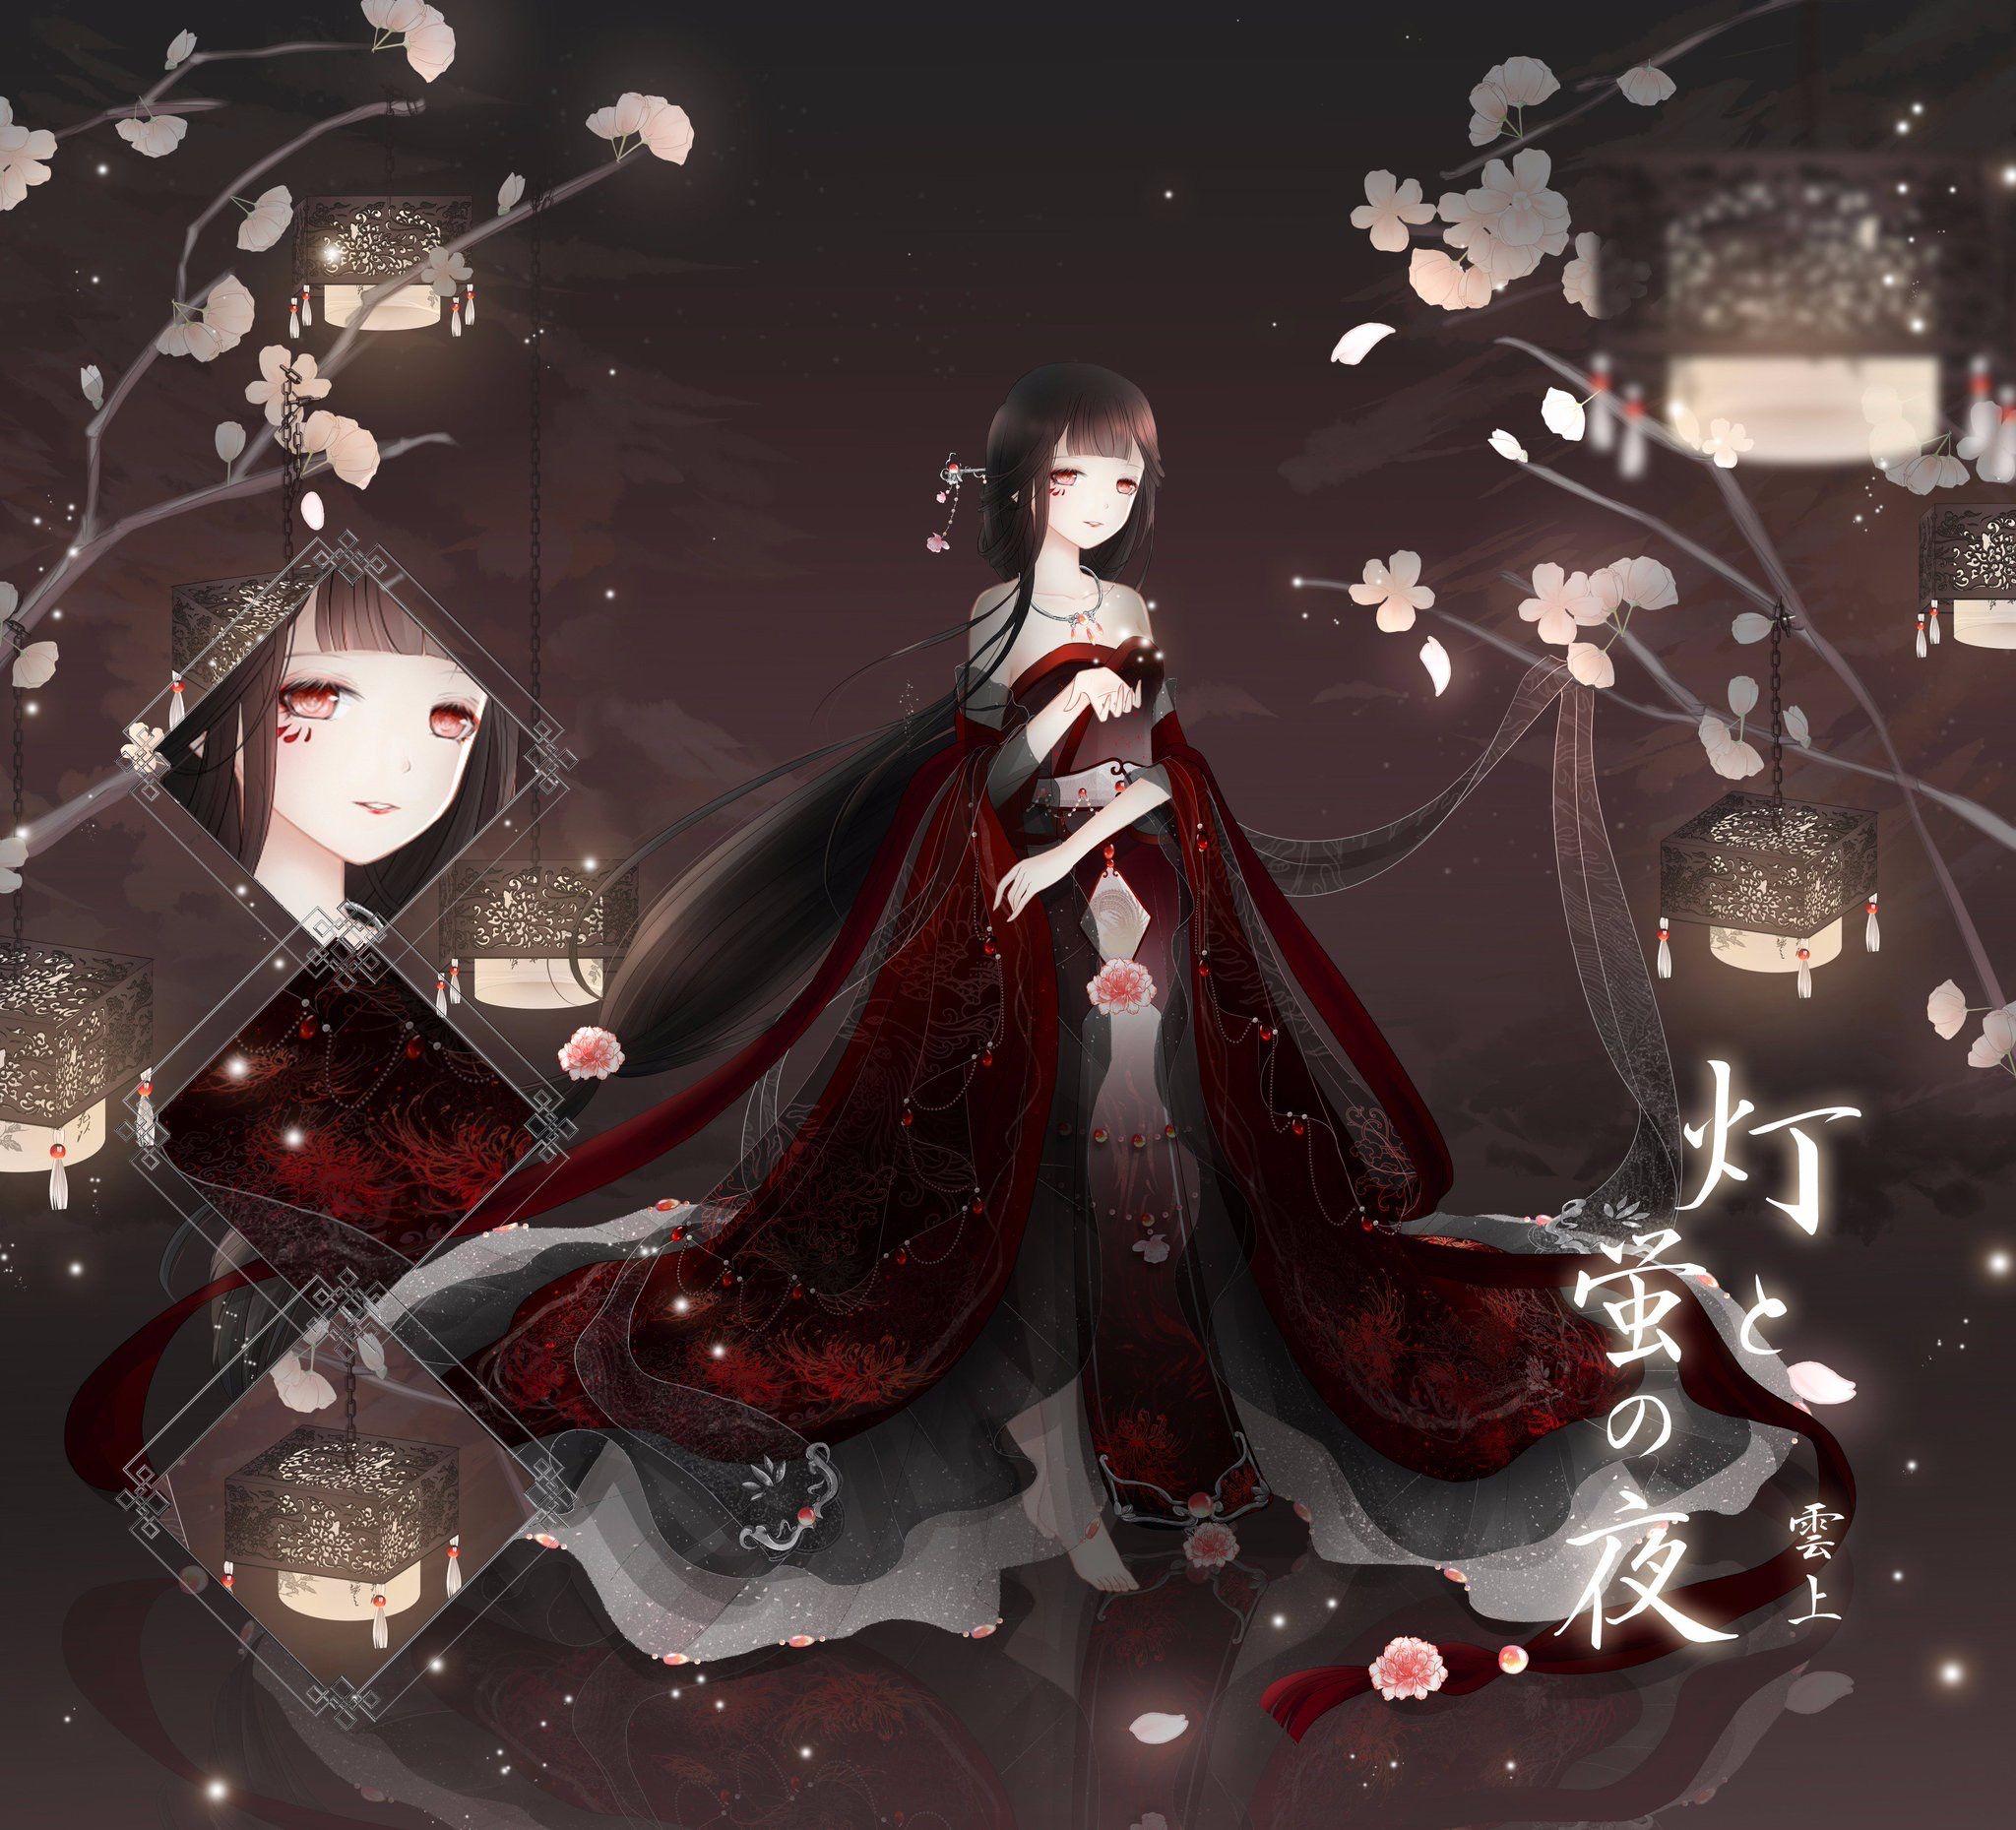 Ghim của Amaya Yuki trên nikki Âm dương, Ngôi sao, Thời